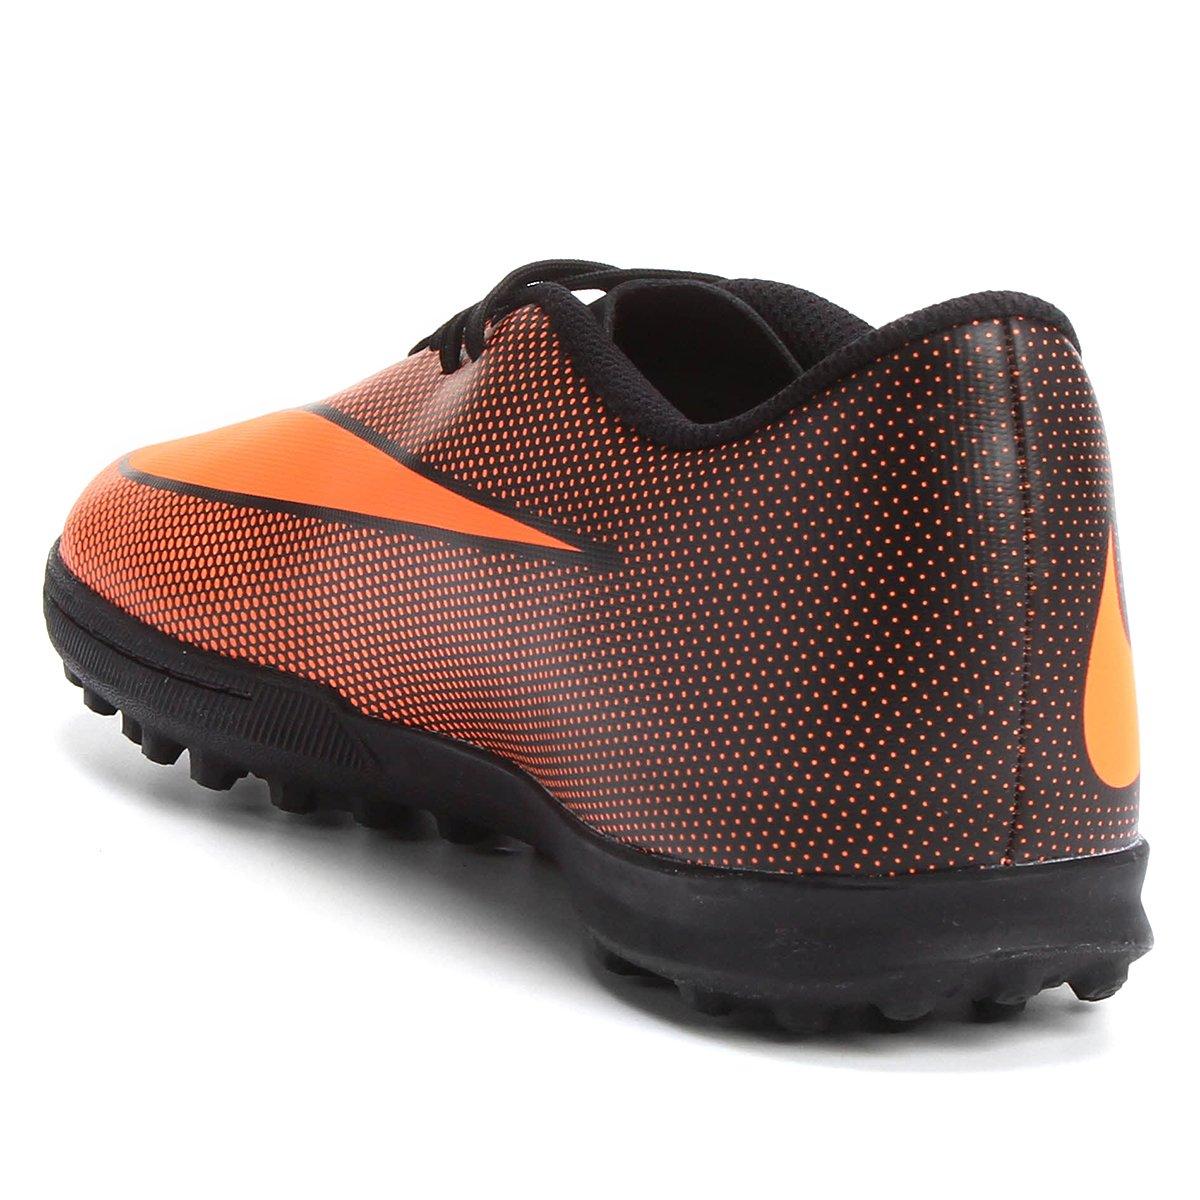 Chuteira Society Nike Bravata 2 TF Masculina - Laranja e Preto ... 2ce497c26a7cf